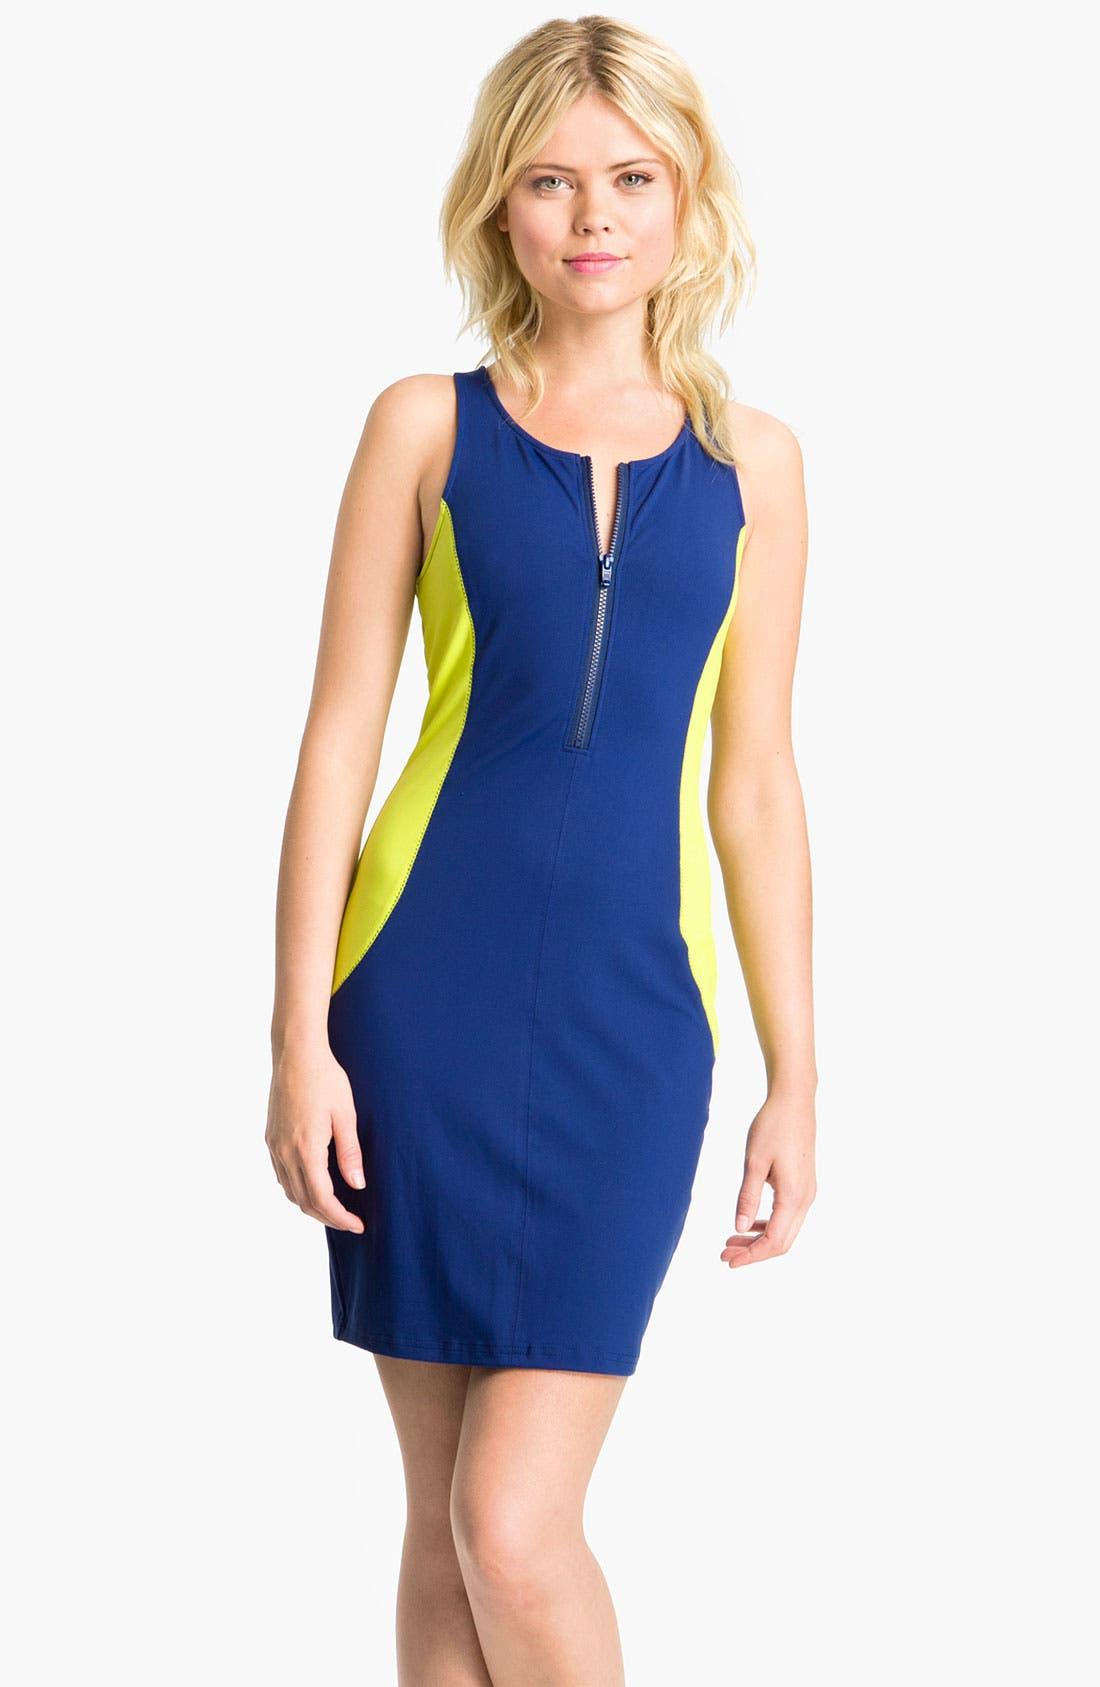 Alternate Image 1 Selected - Trouvé Colorblock Scuba Dress